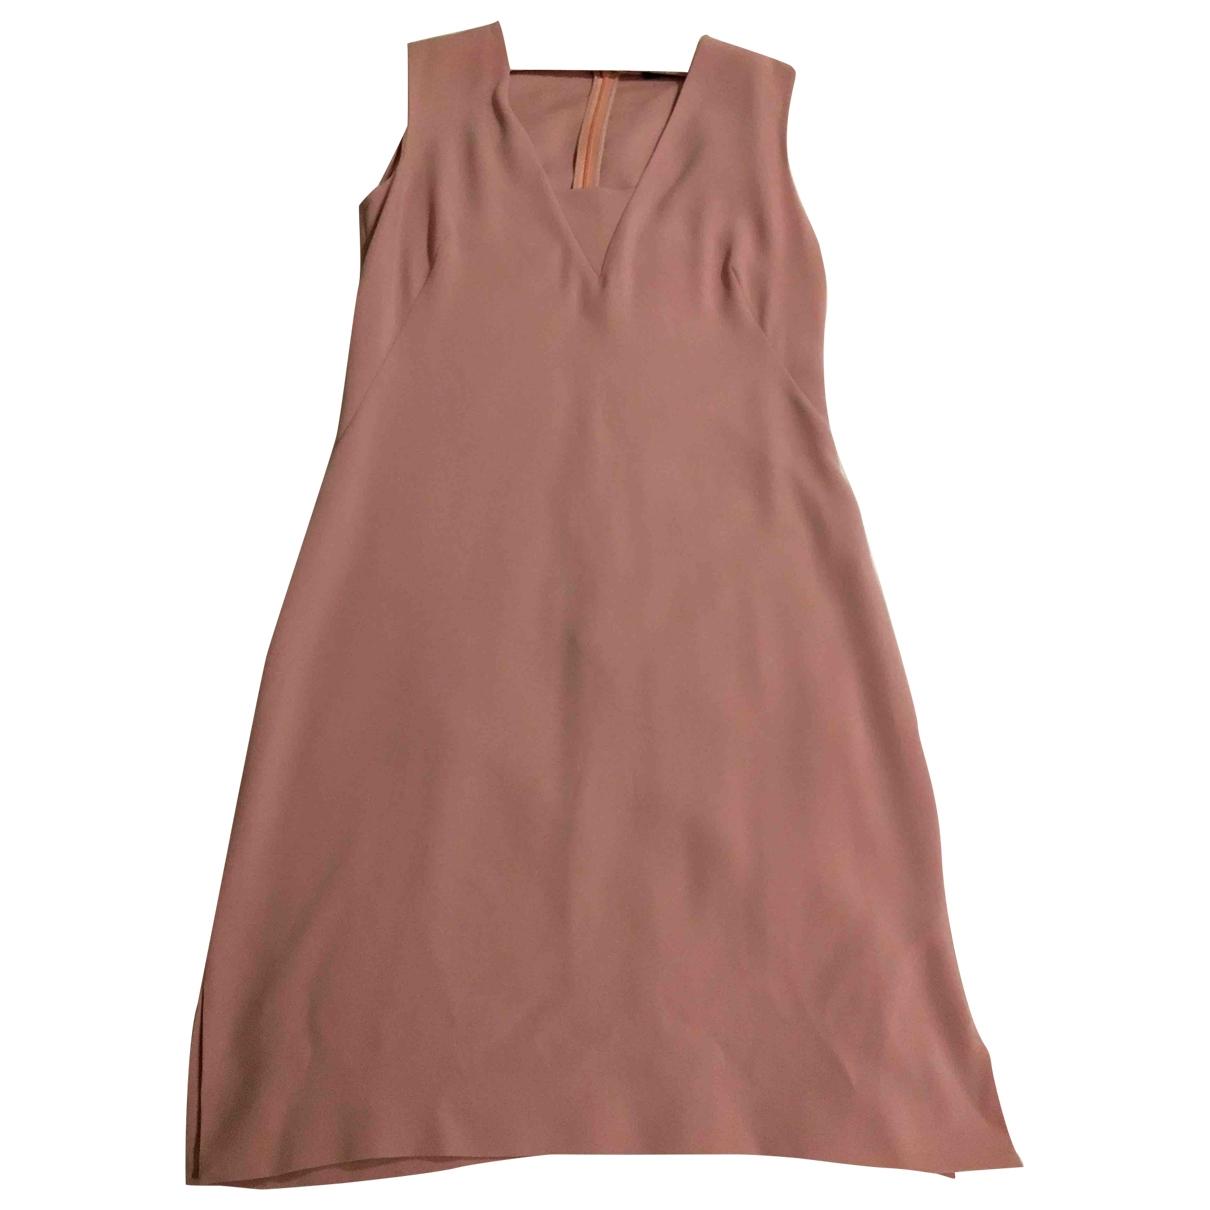 Joseph \N Pink dress for Women 40 FR